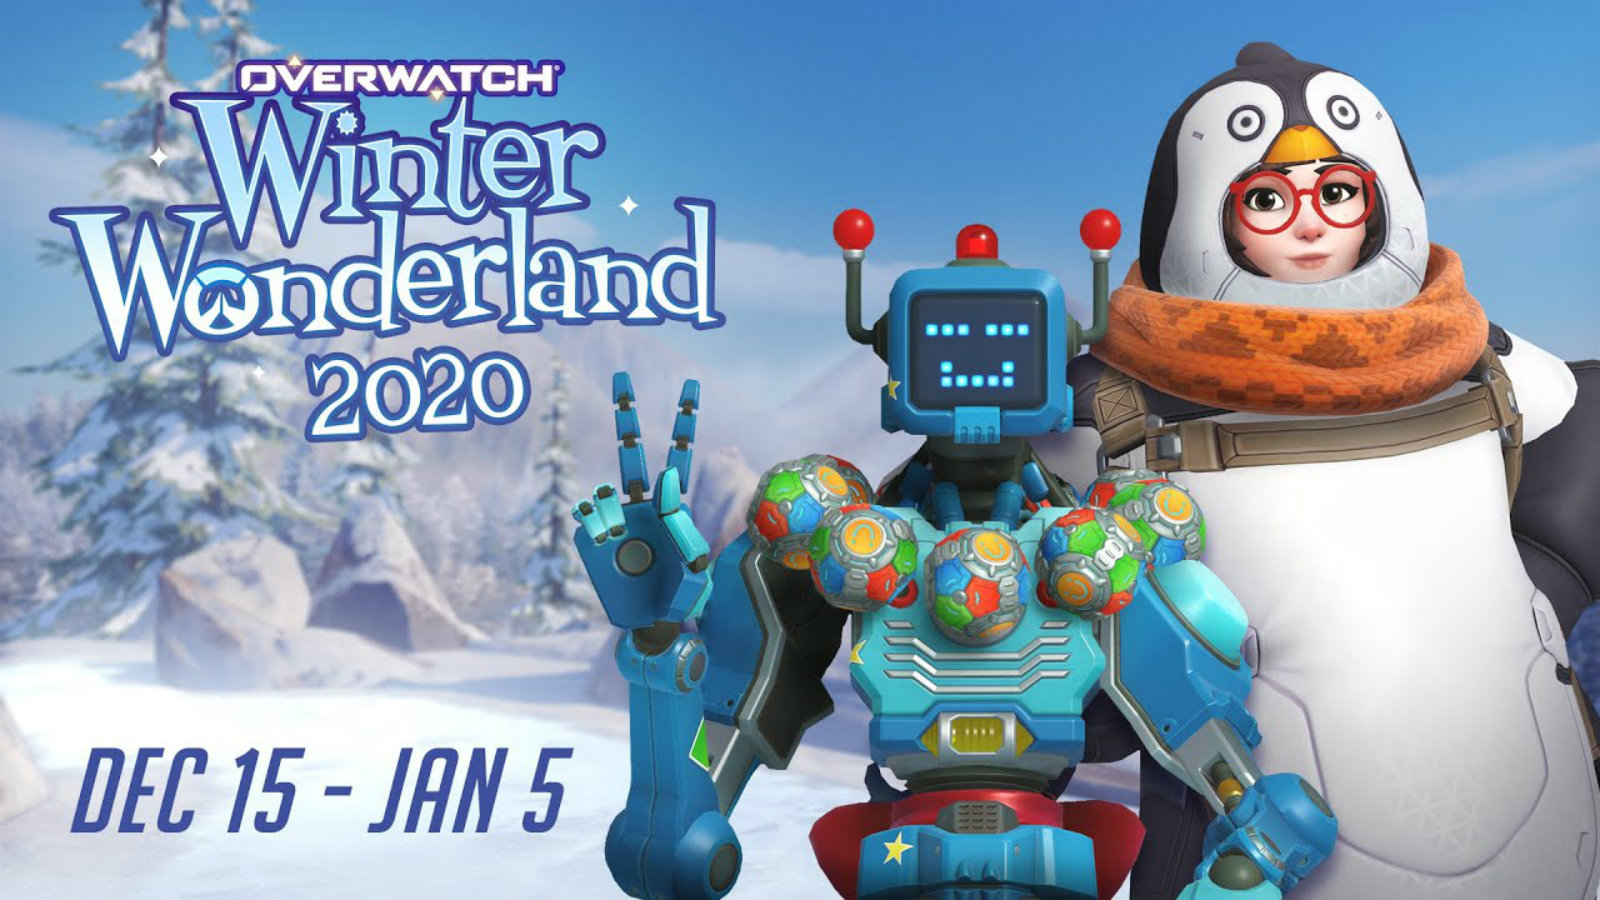 Overwatch winter wonderland 2020 with mei and zen